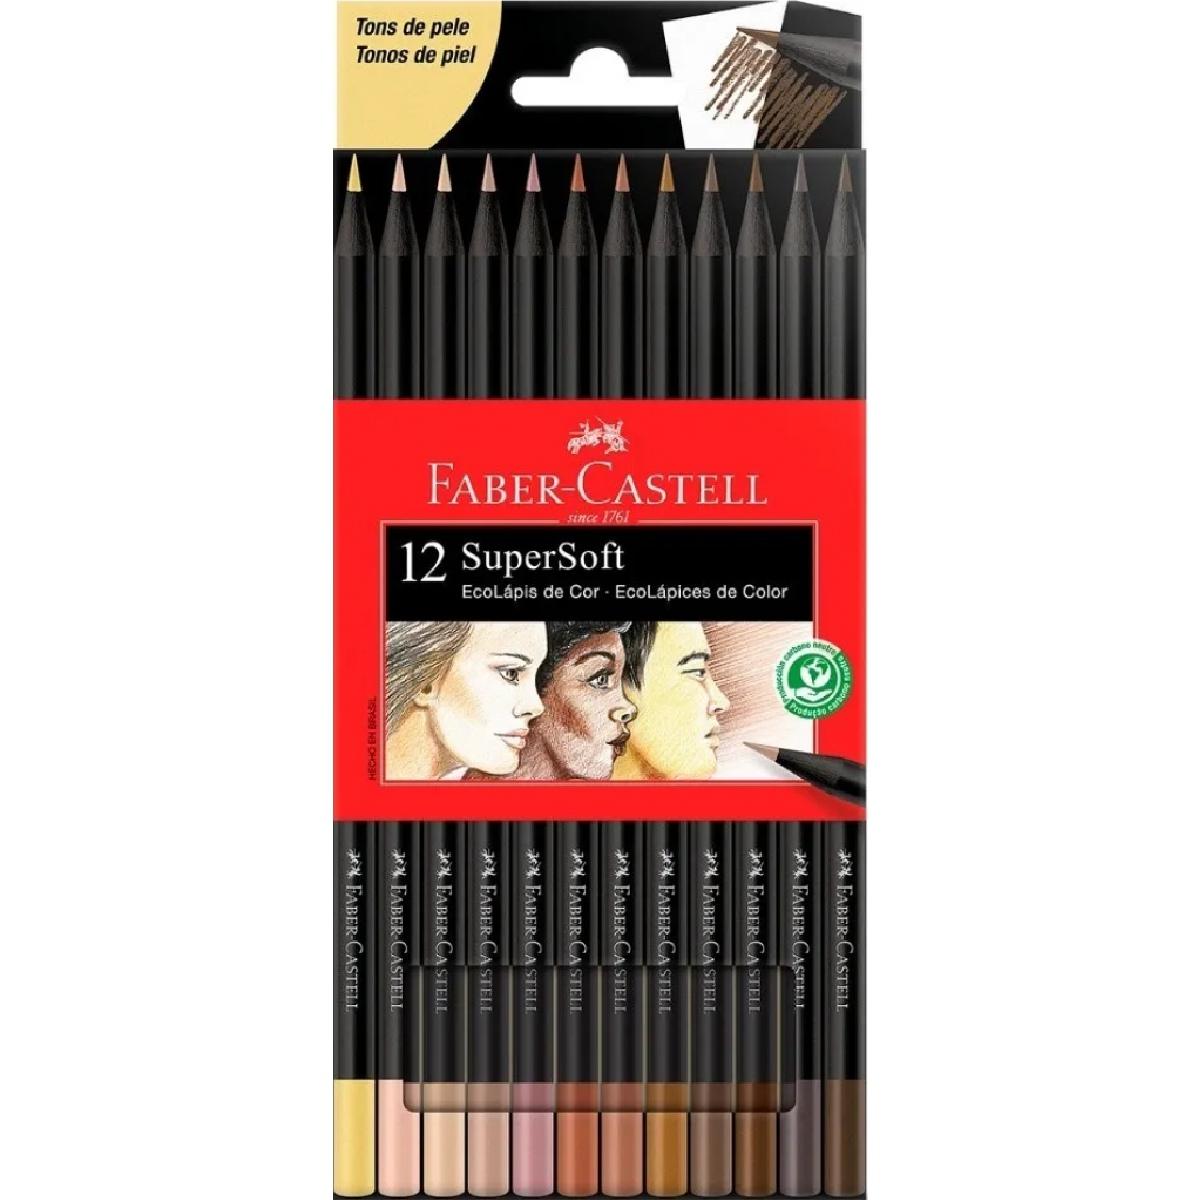 Lápis de Cor Faber Castell SuperSoft 12 Cores Tons de Pele